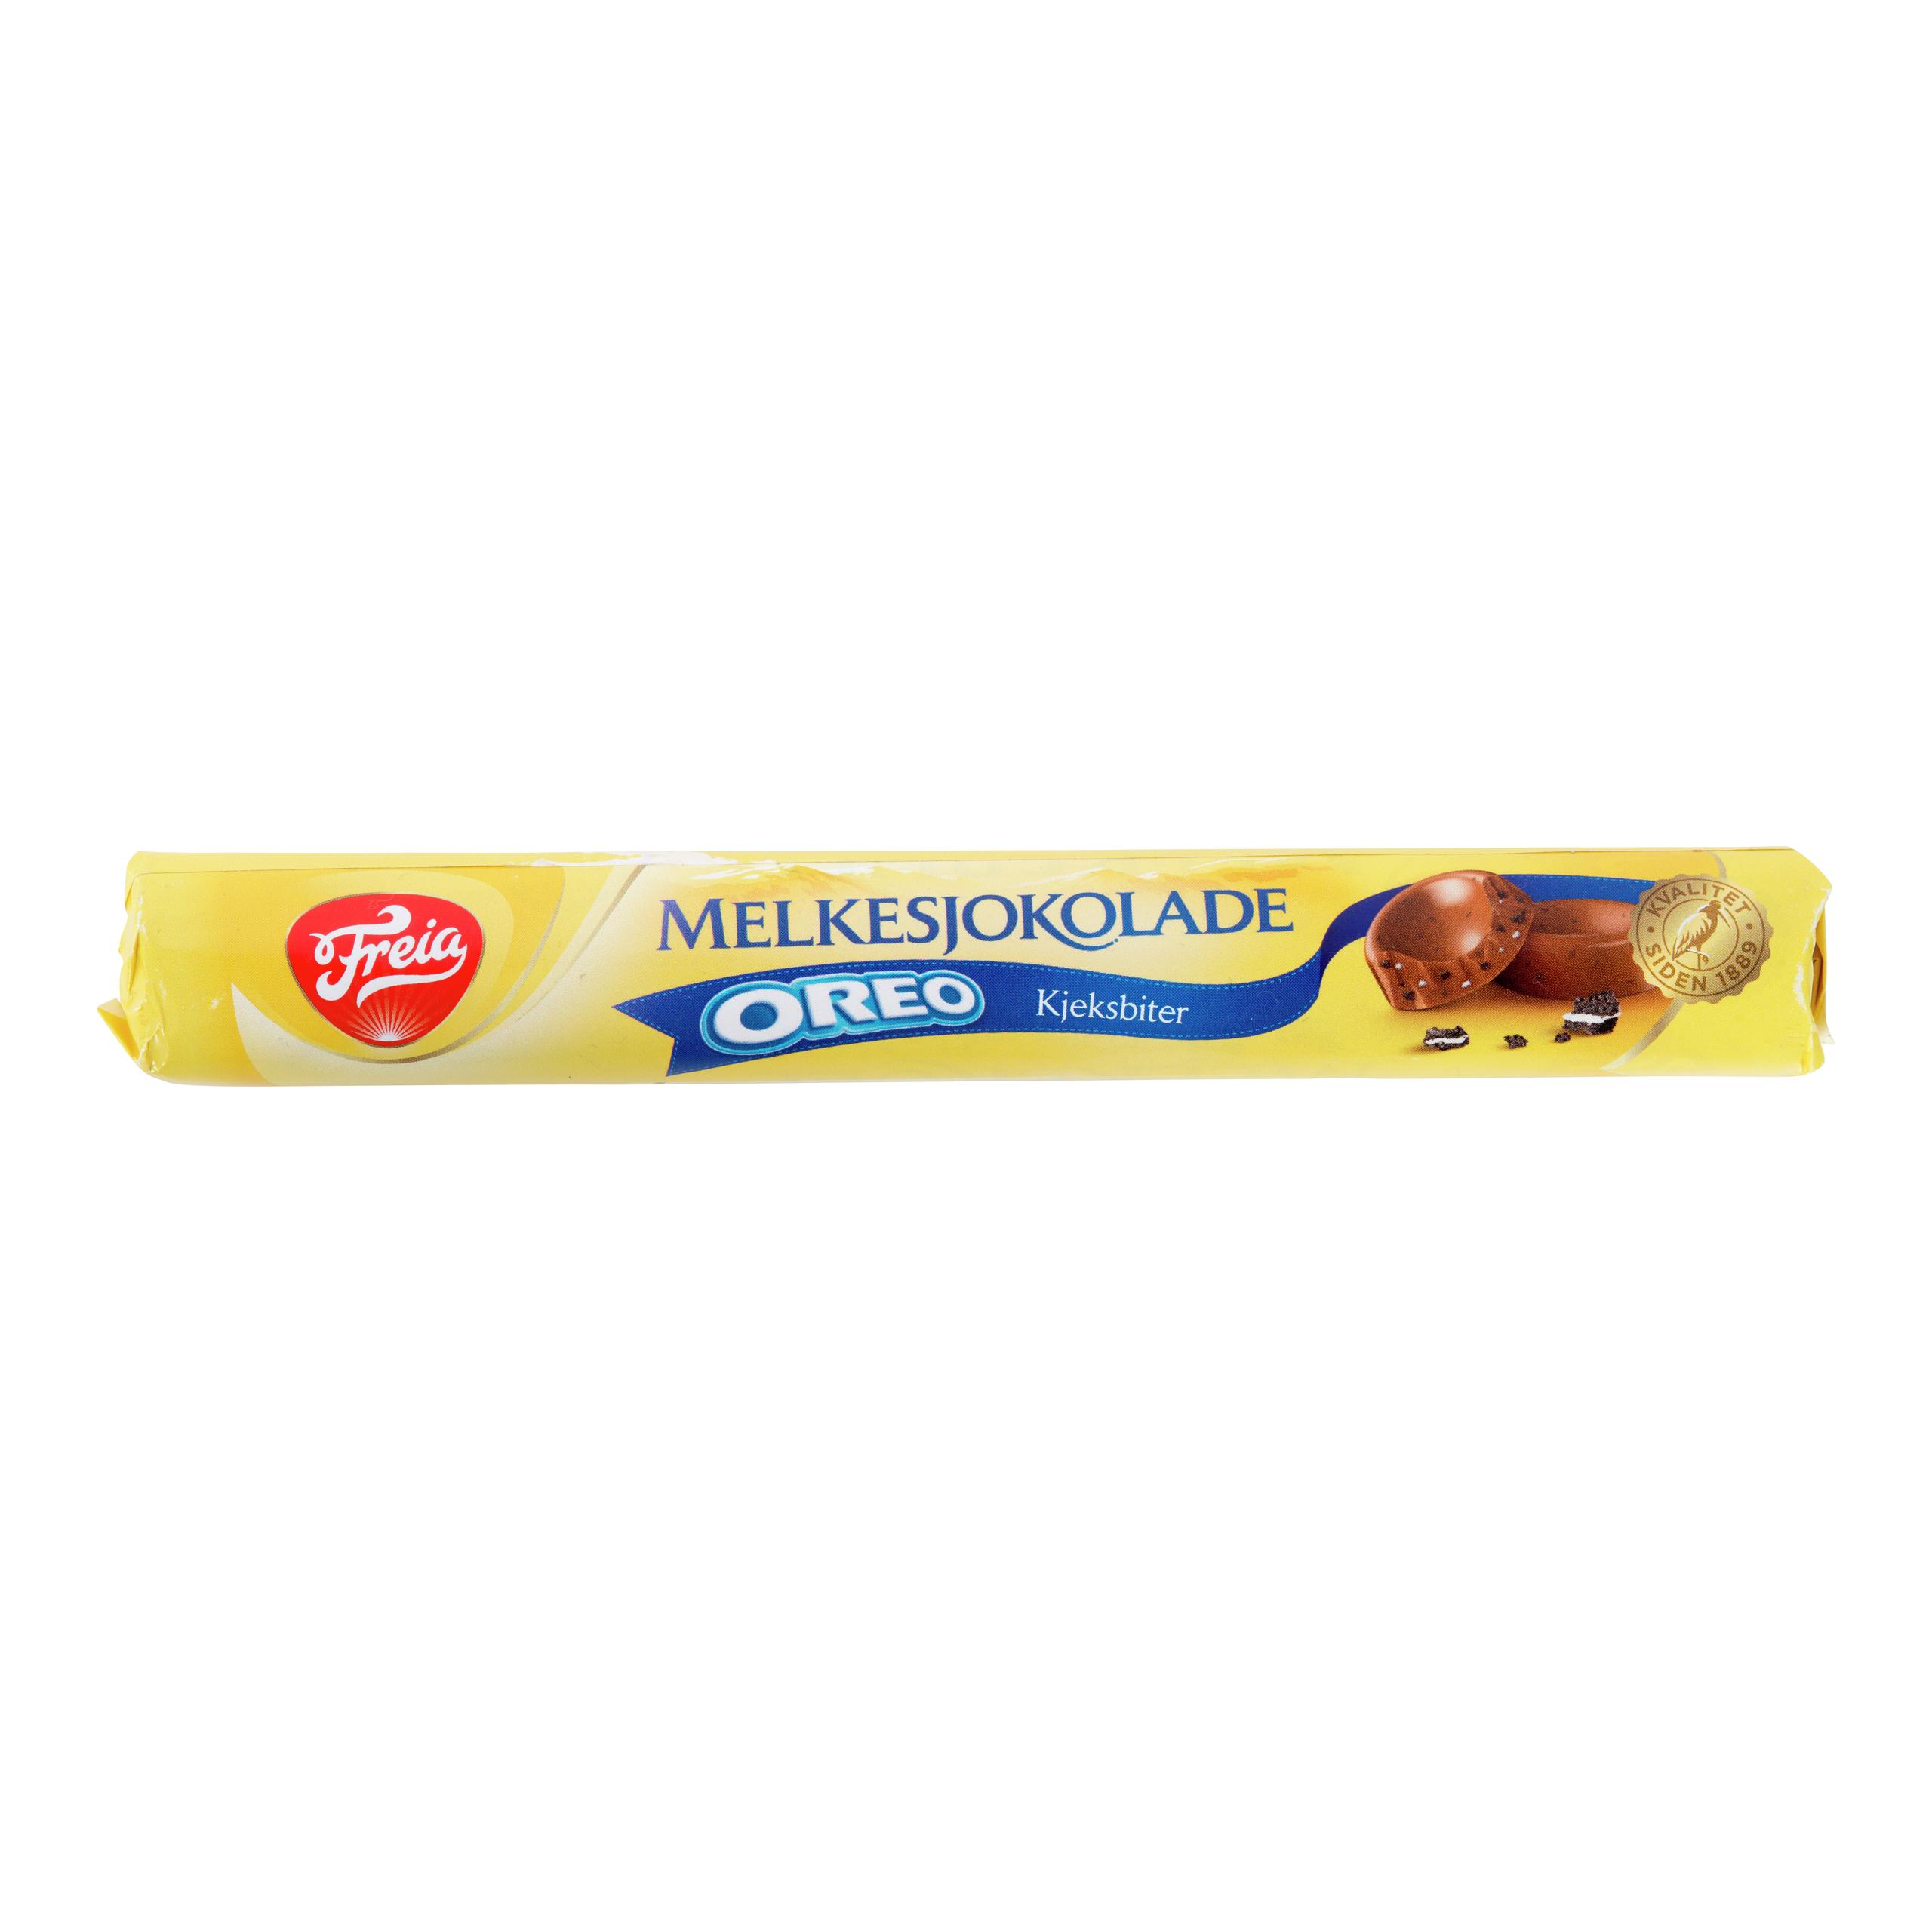 Melkesjokolade OREO-SJO530